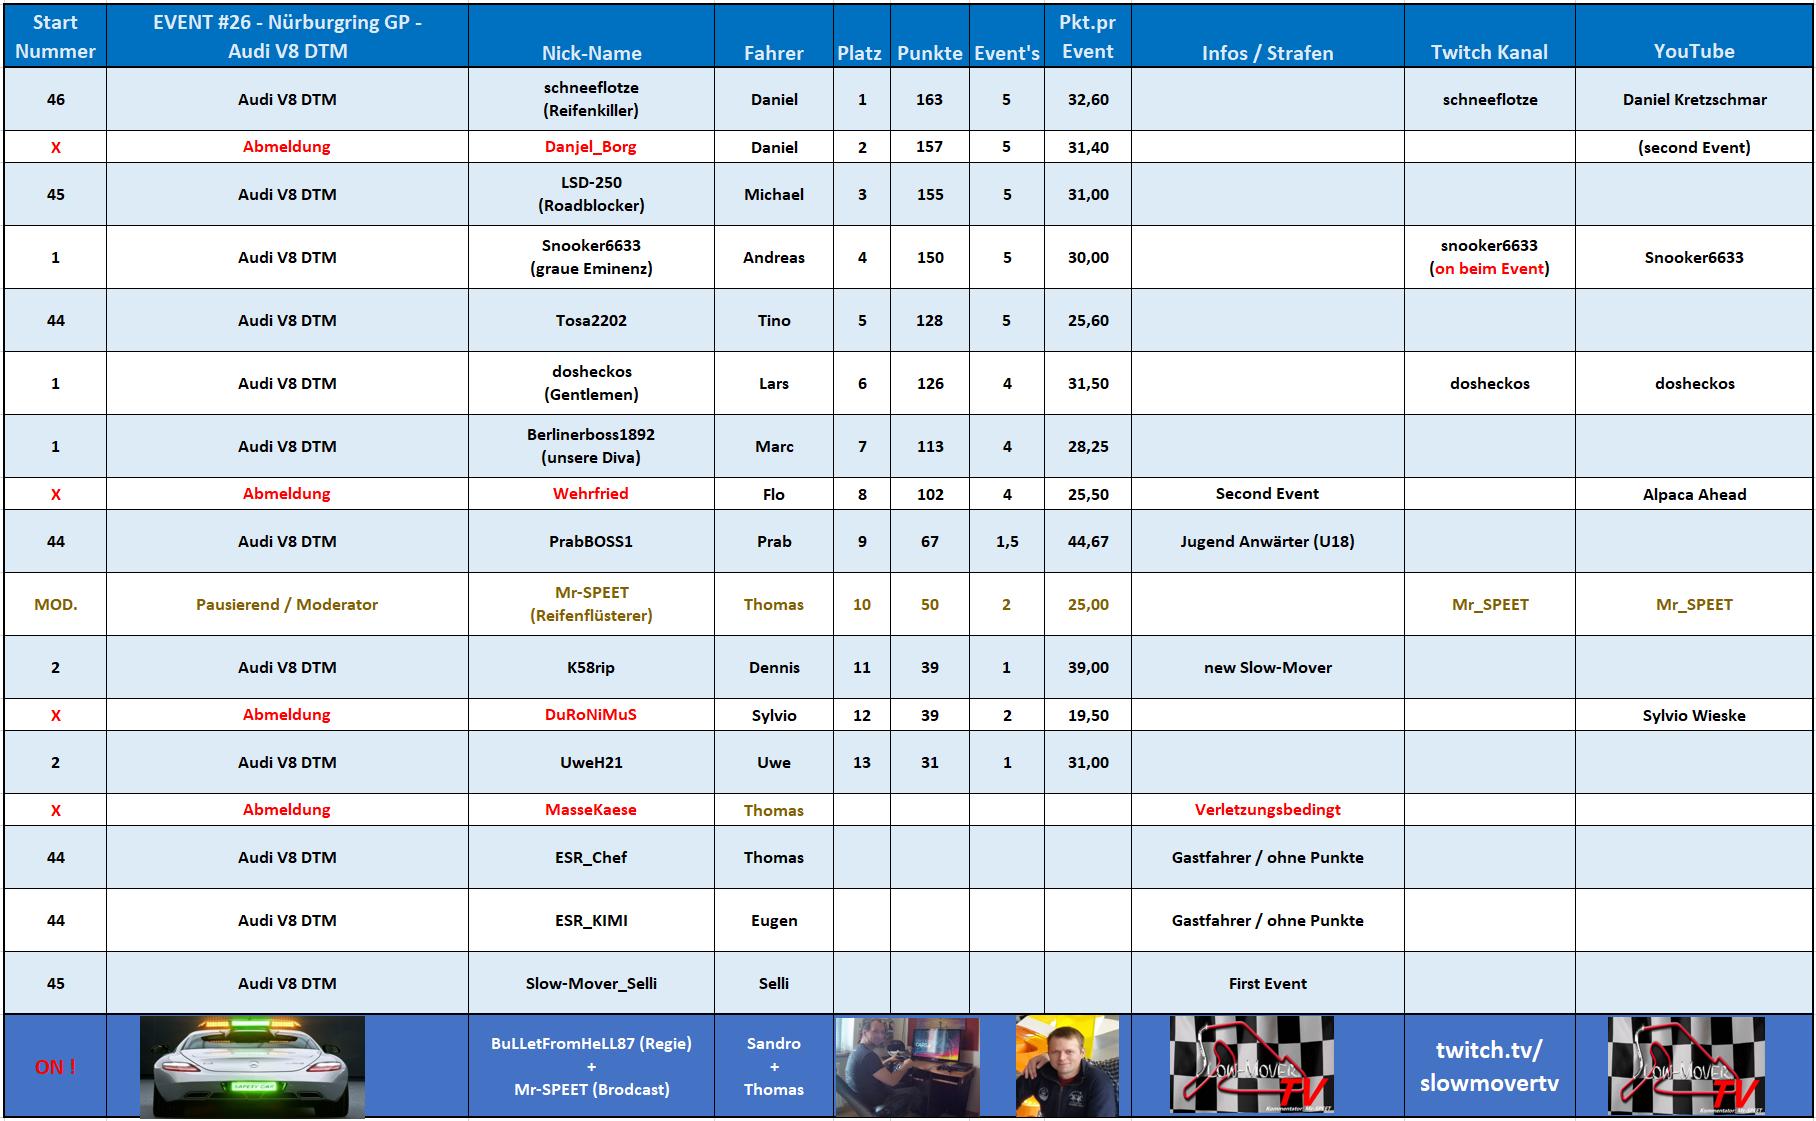 026 Nürburgring GP - Audi V8 DTM - Mr-SPEET (16.06.2019)